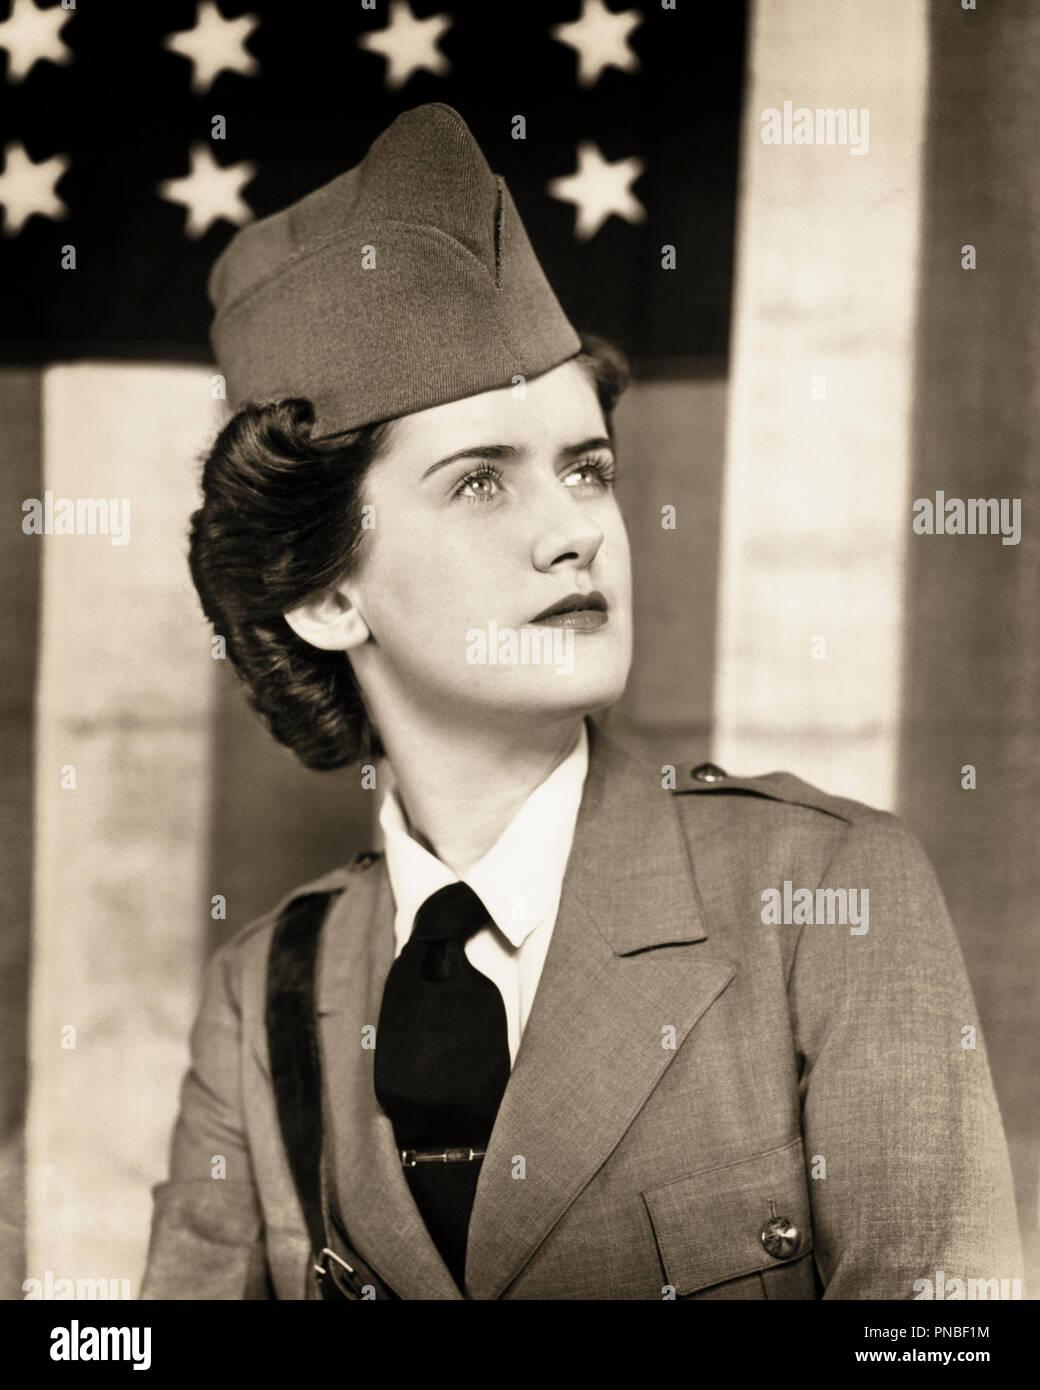 Costume dell/'Esercito 1930s 1940s Donna Uniforme Costume vestito militare prima guerra mondiale 2